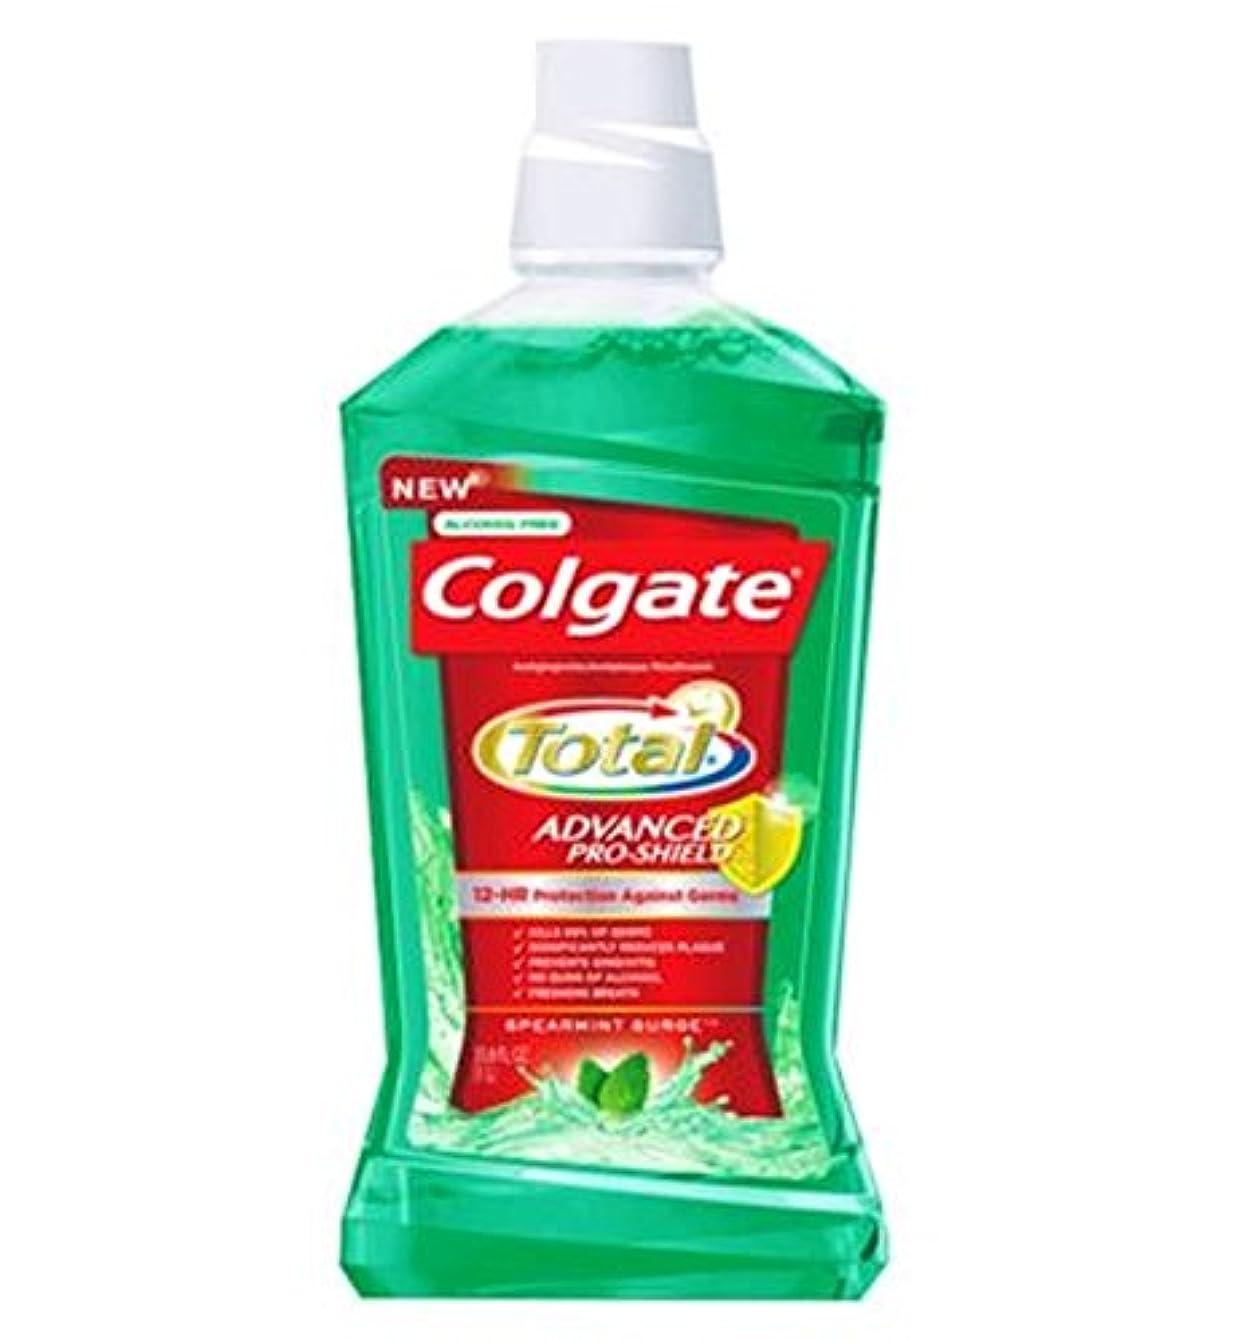 口述変更可能チェスコルゲートの口内洗浄剤の合計緑500ミリリットル (Colgate) (x2) - Colgate Mouthrinse Total Green 500ml (Pack of 2) [並行輸入品]